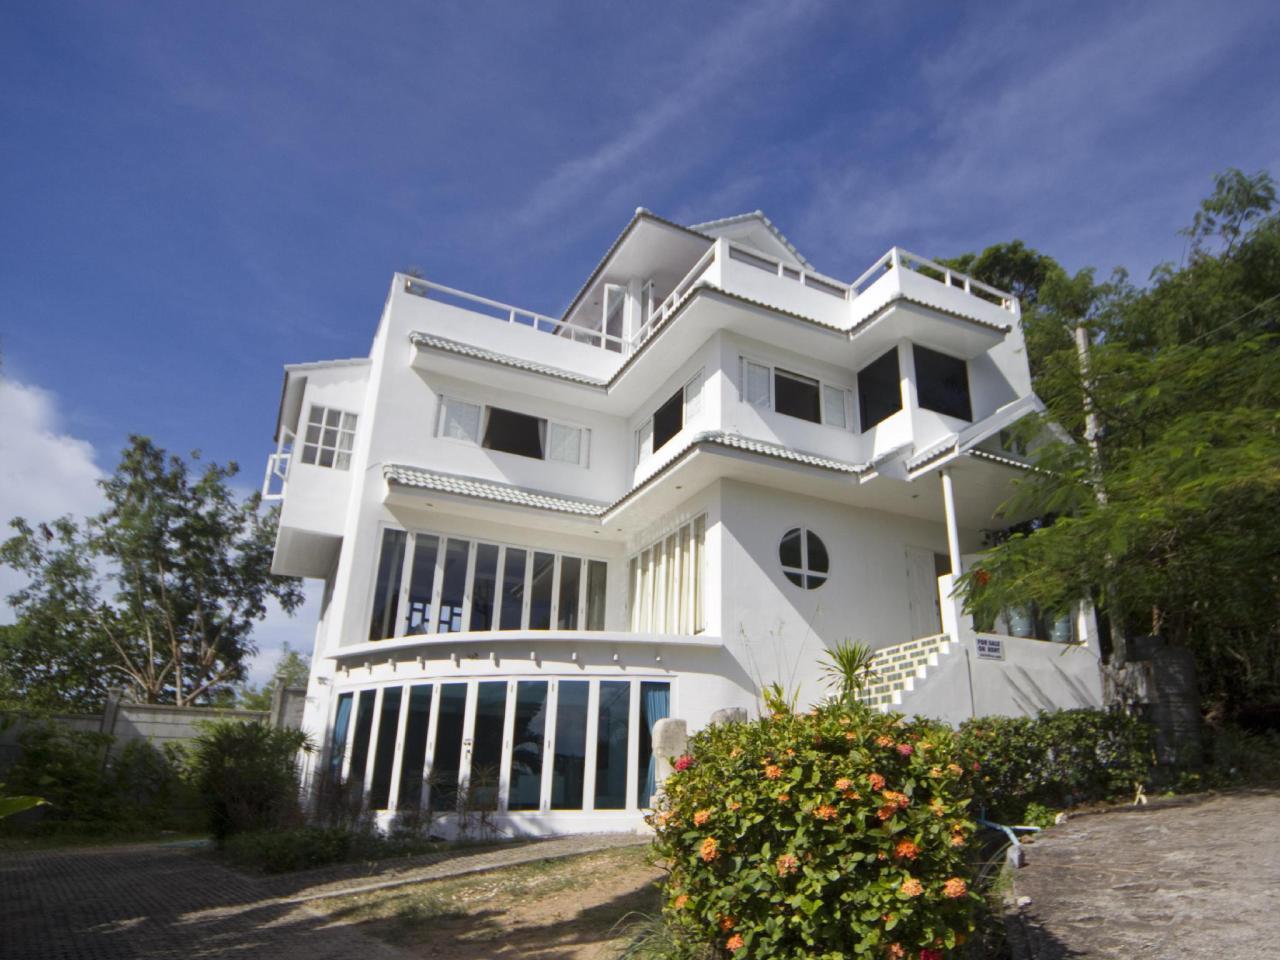 เซเลบริตี้ โอเชี่ยน วิว แมนชั่น (Celebrity Ocean View Mansion)